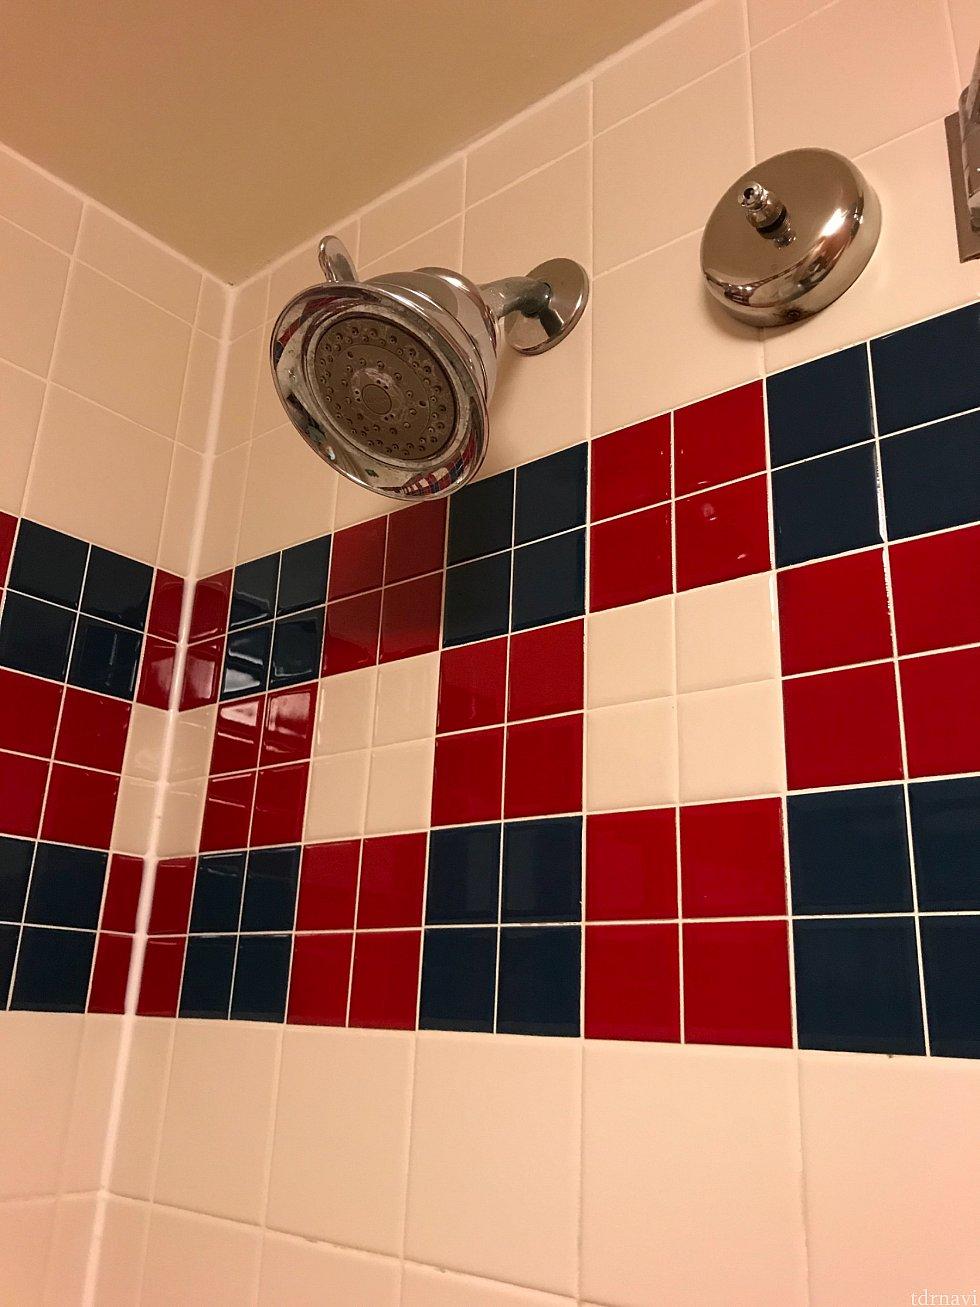 シャワーは固定です 上の出っ張っている所を左右に動かして水流を調整できます